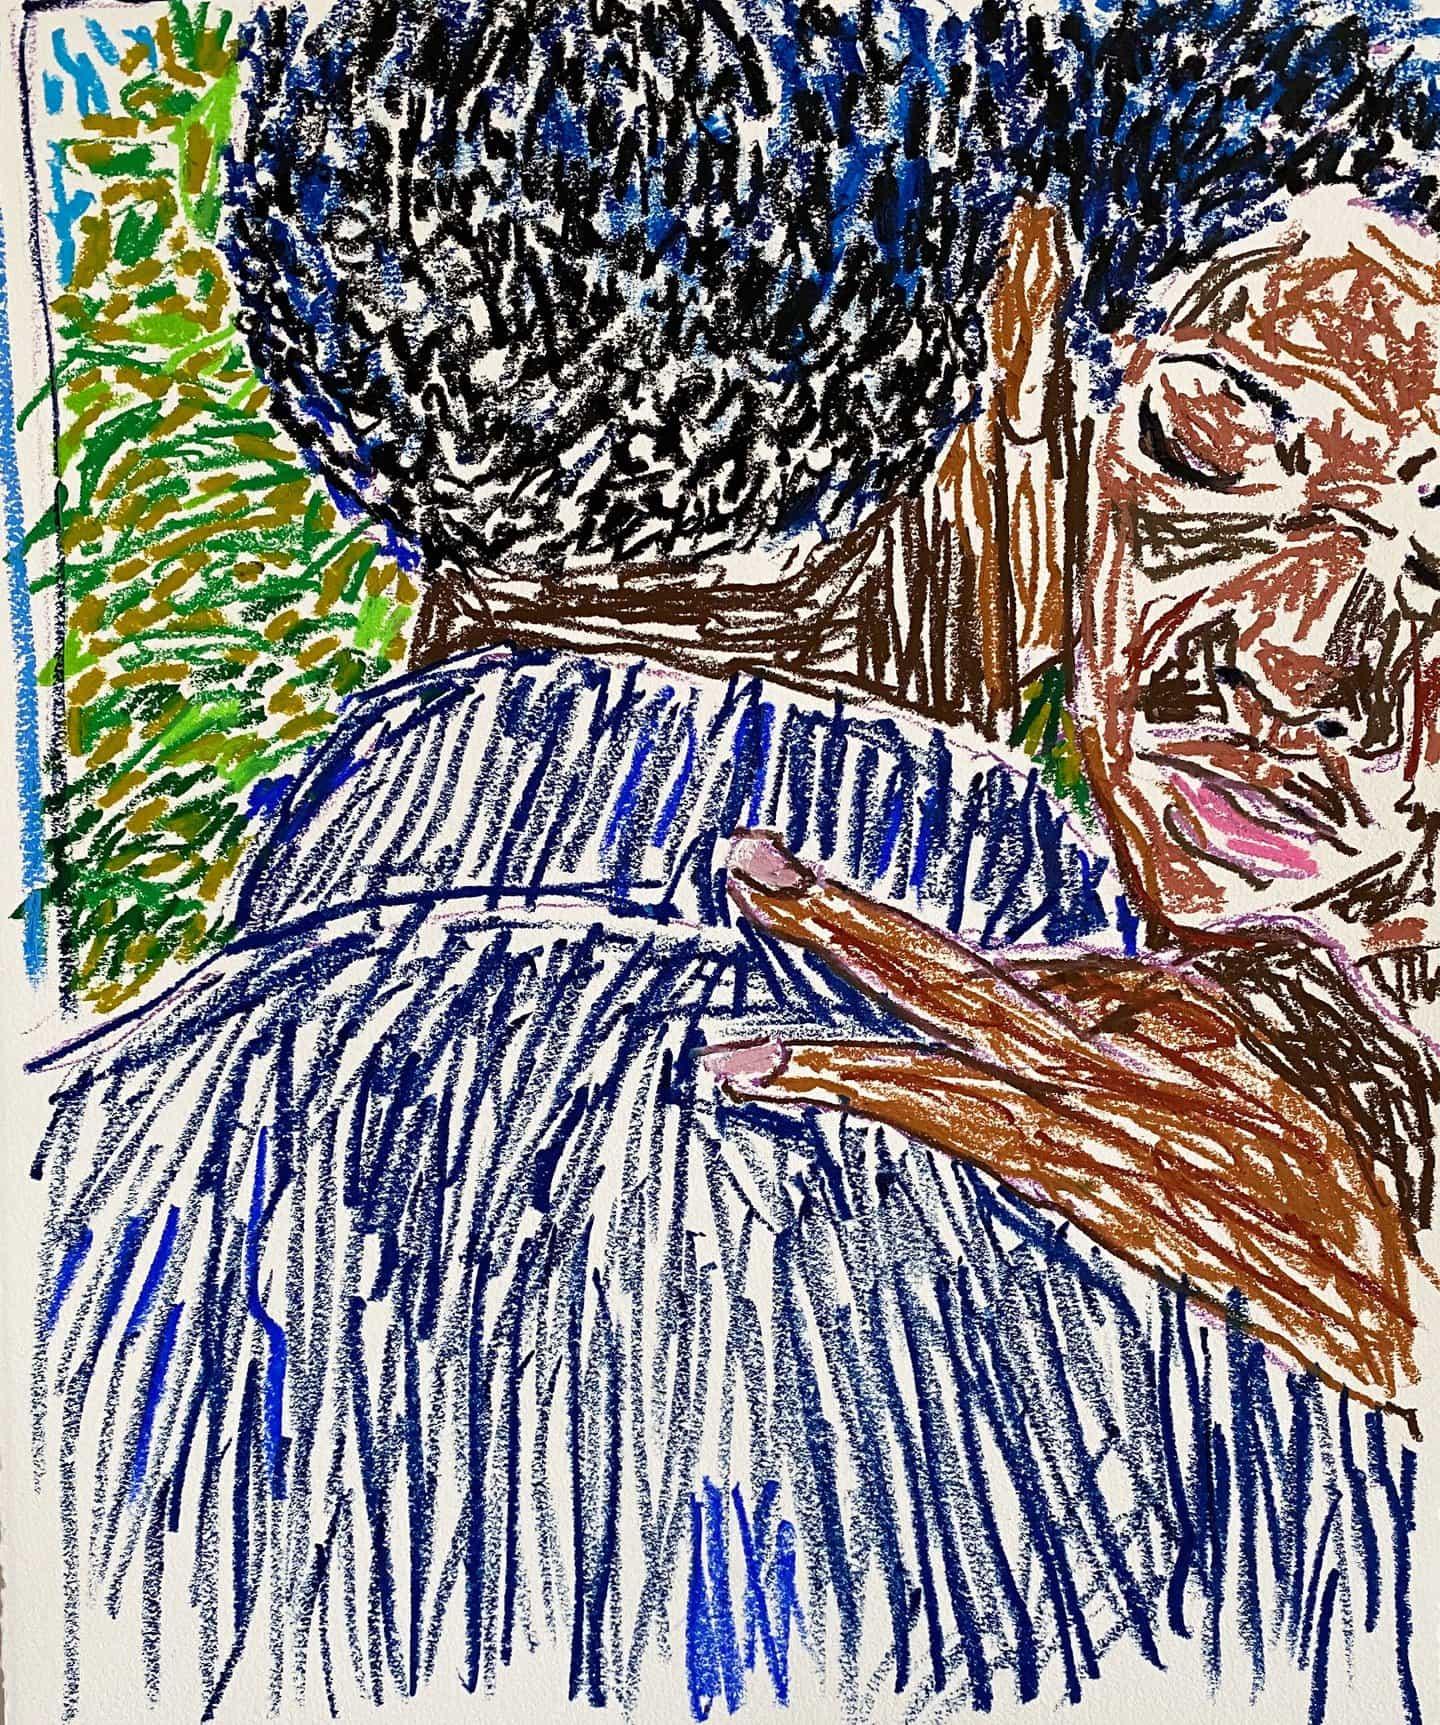 """""""No estoy tratando de hacer una declaración con mi trabajo"""": Paul Verdell sobre cómo está """"solo aquí para pintar"""""""